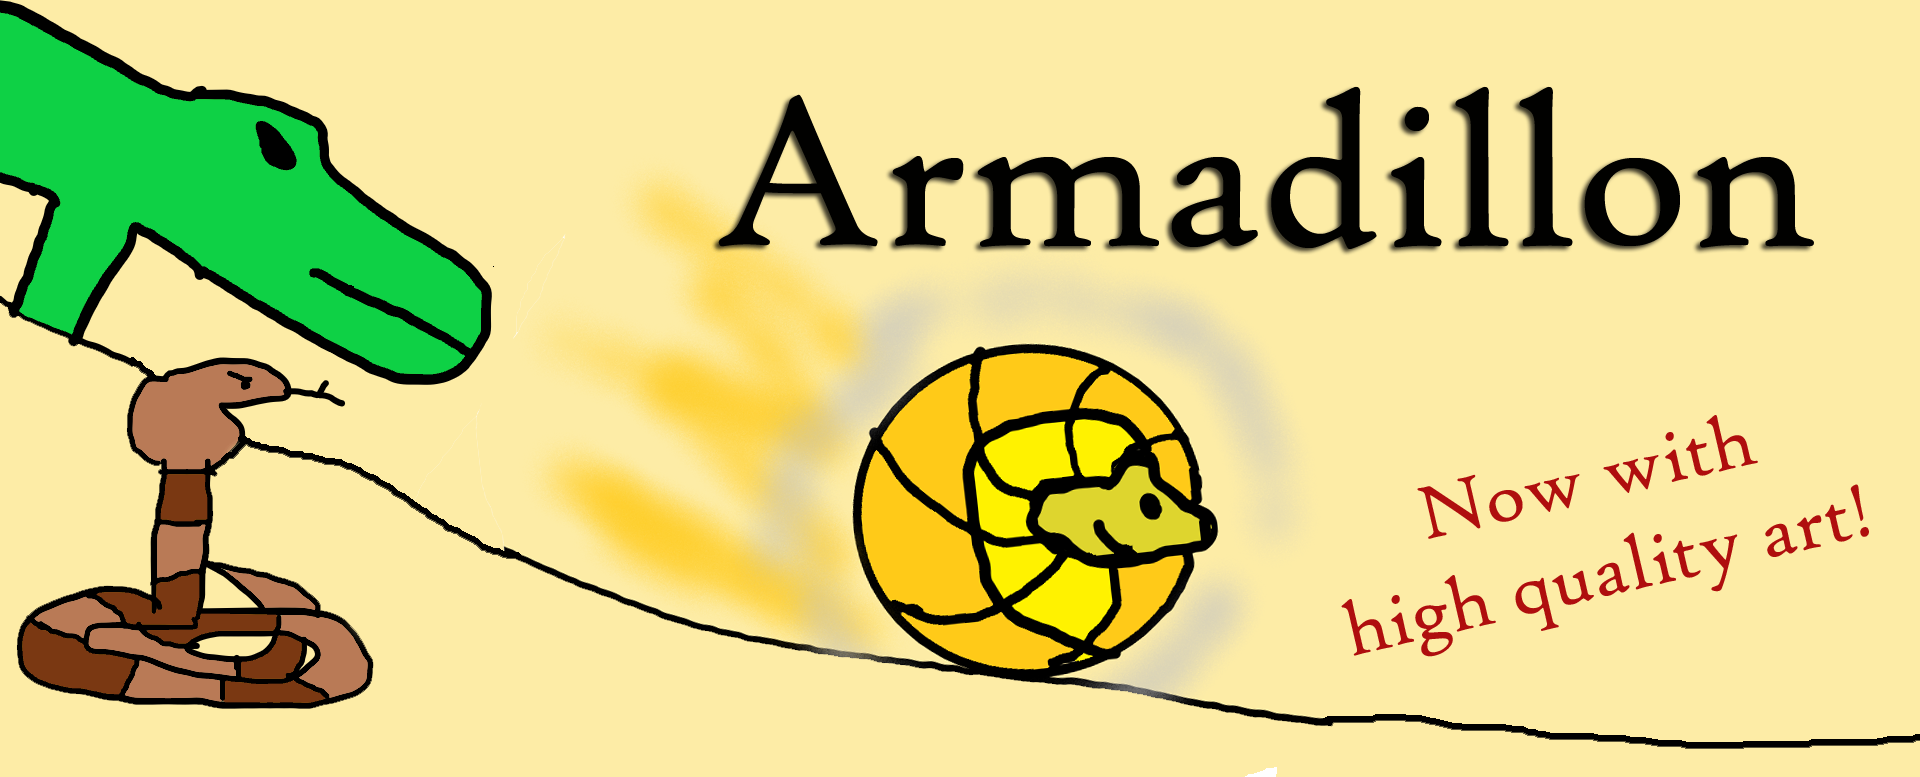 Armadillon